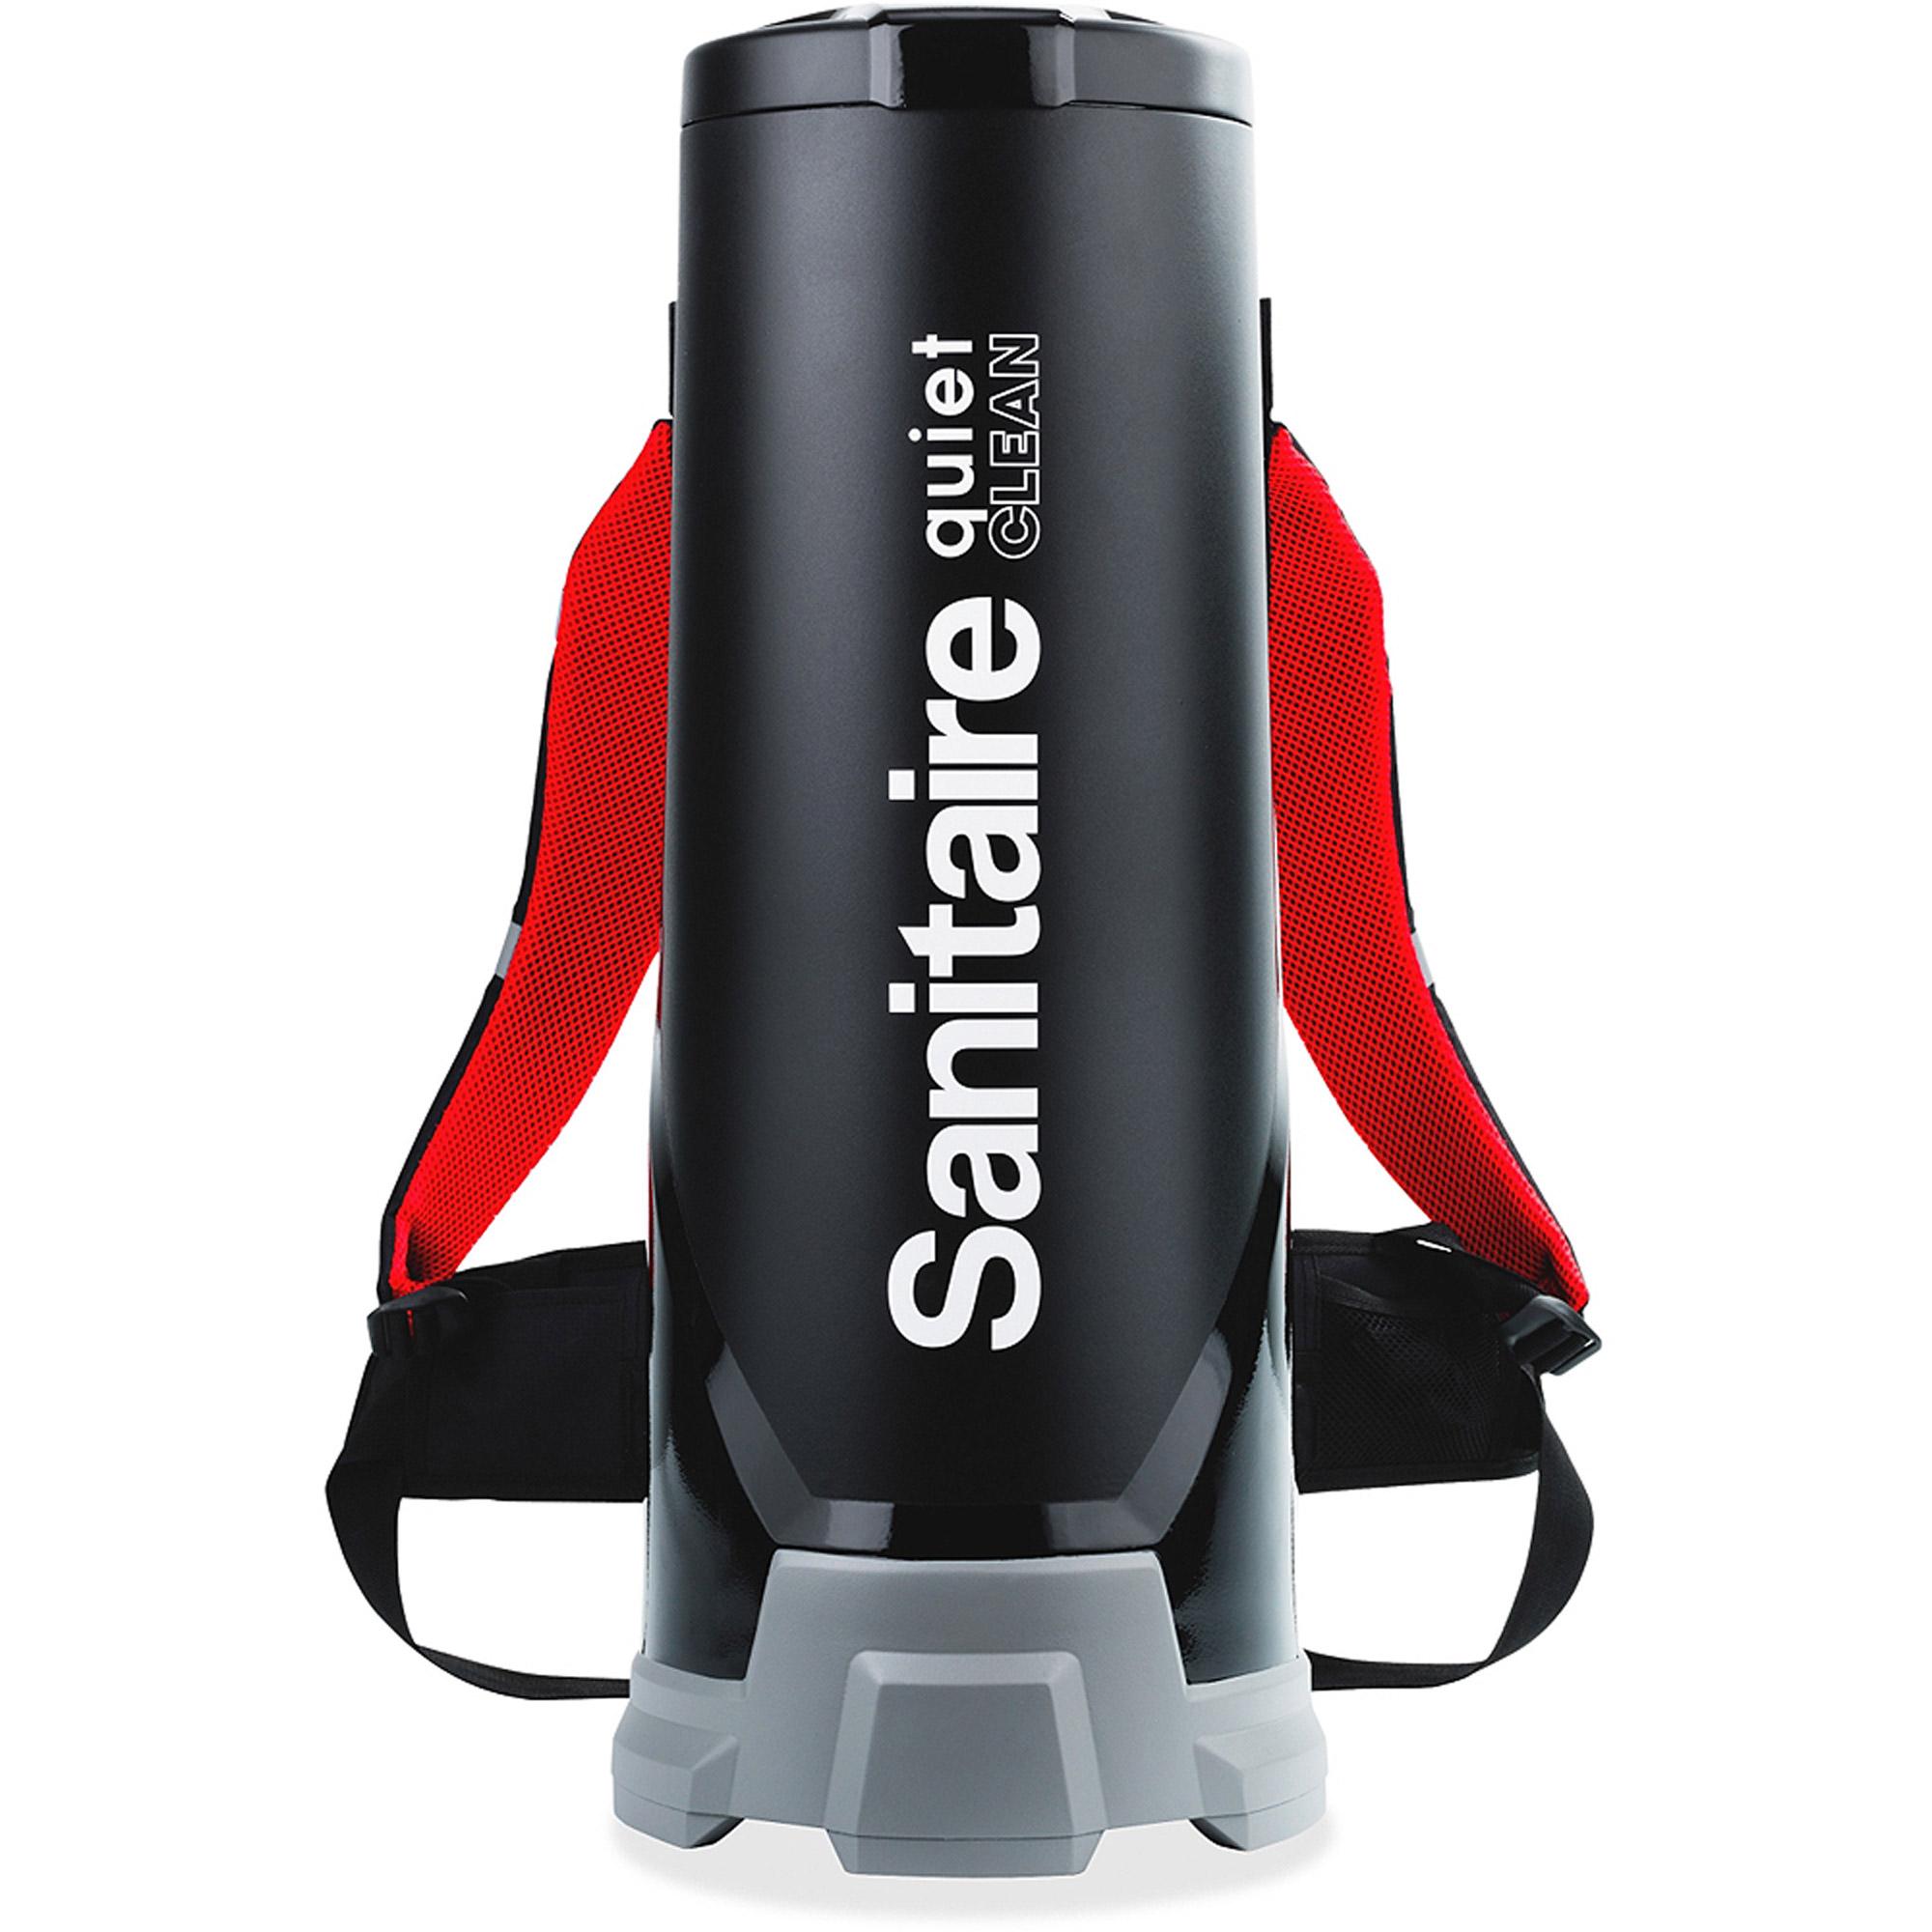 Sanitaire QuietClean Backpack Vacuum